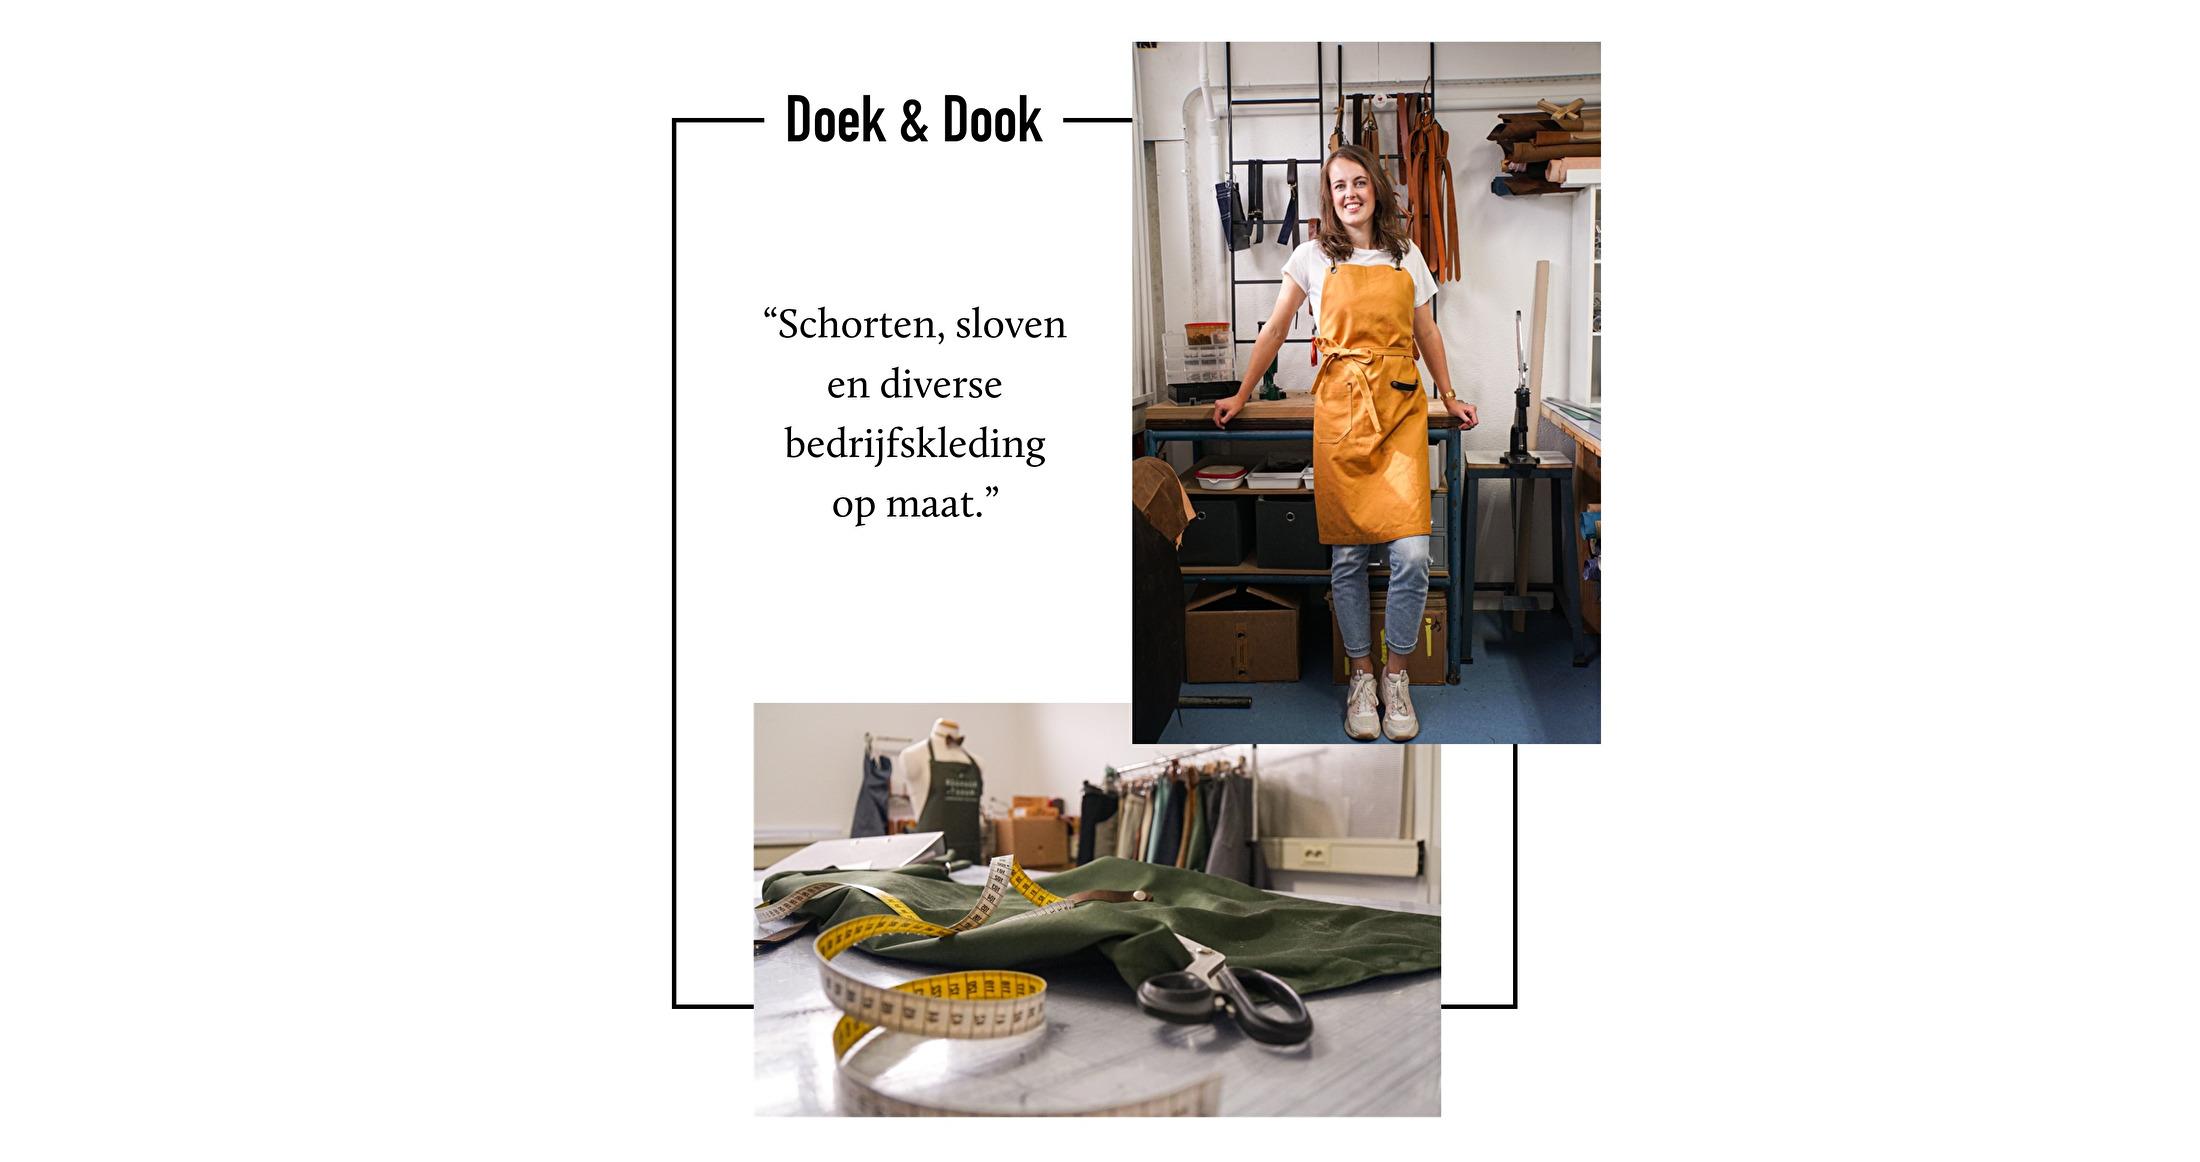 Doek & Dook